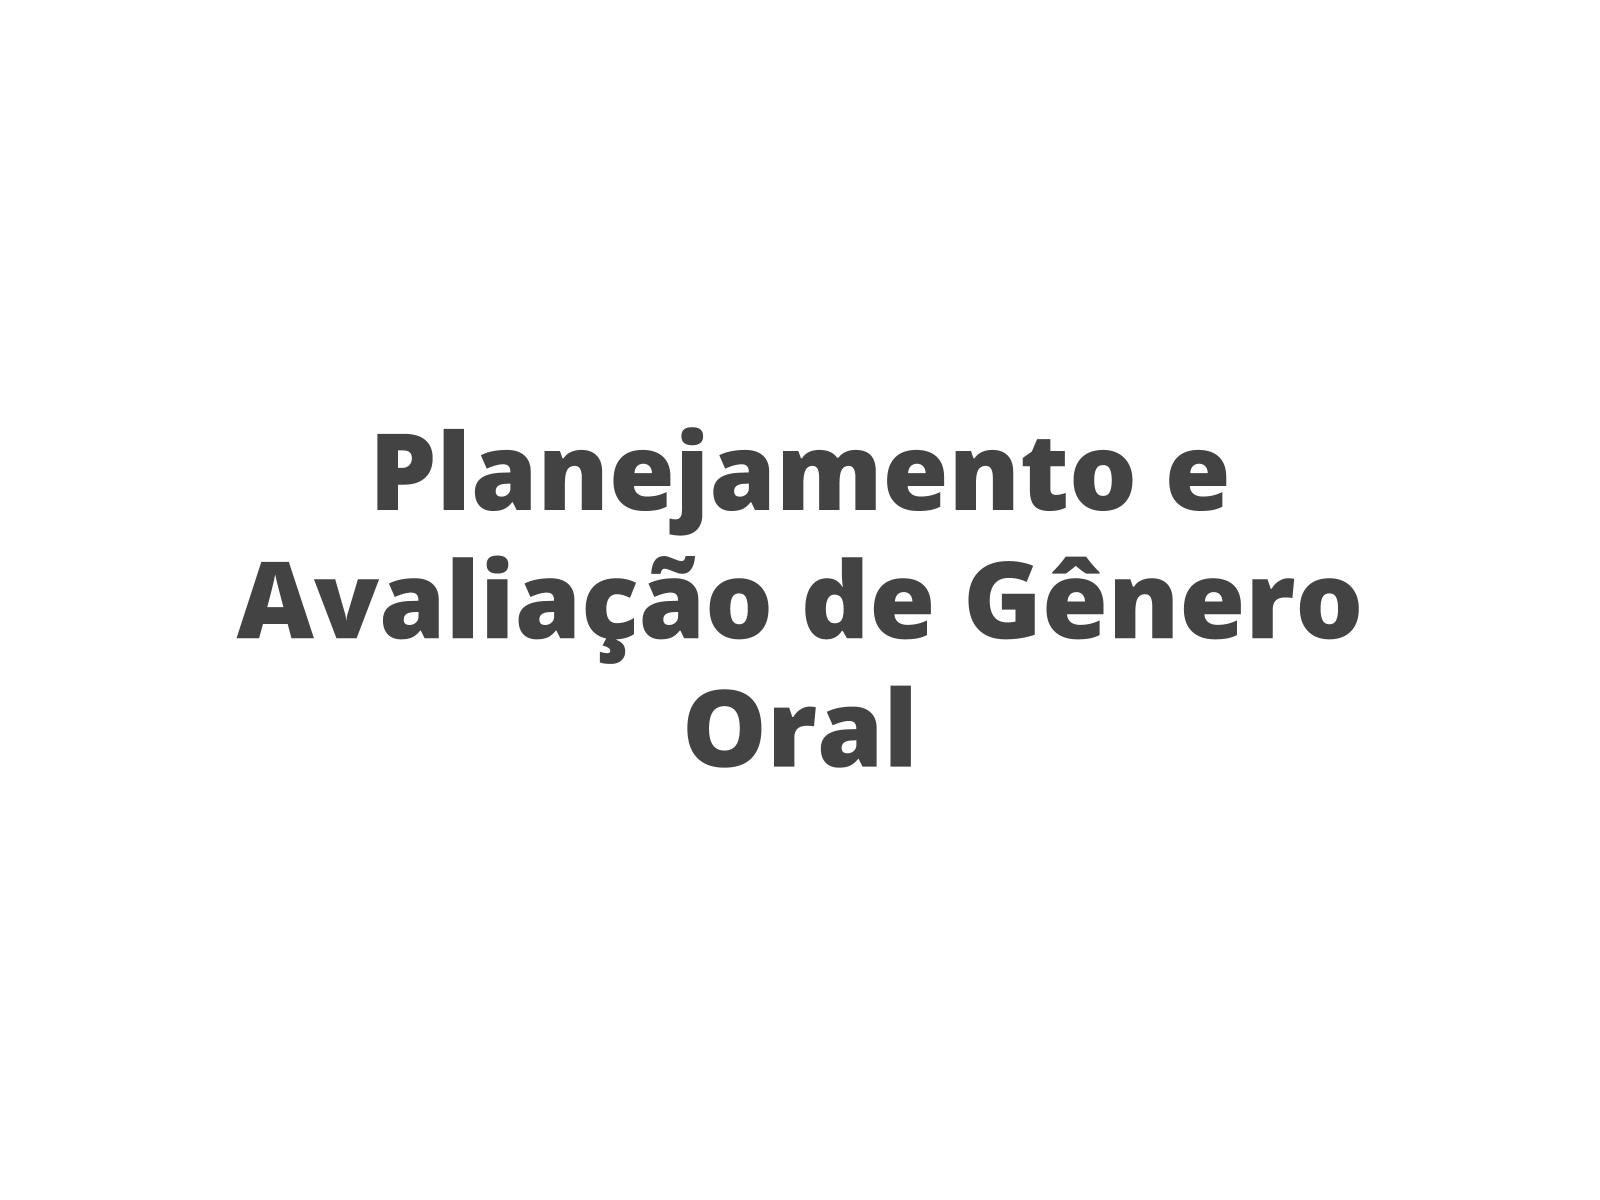 Planejamento e Avaliação de Exposição Oral